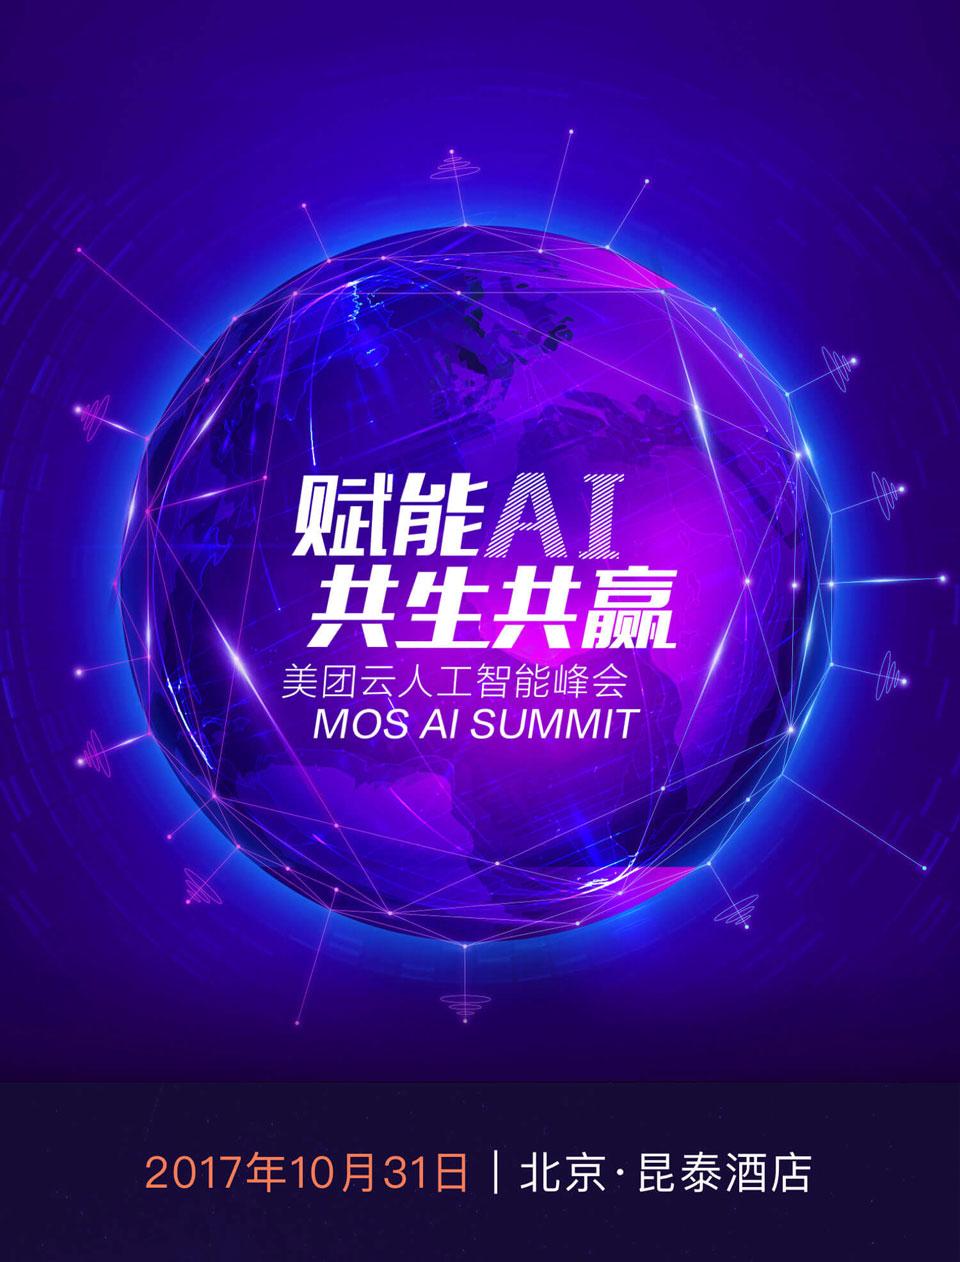 赋能AI 共生共赢 美团云人工智能峰会 MOS AI SUMMIT 2017年10月31日 北京昆泰酒店